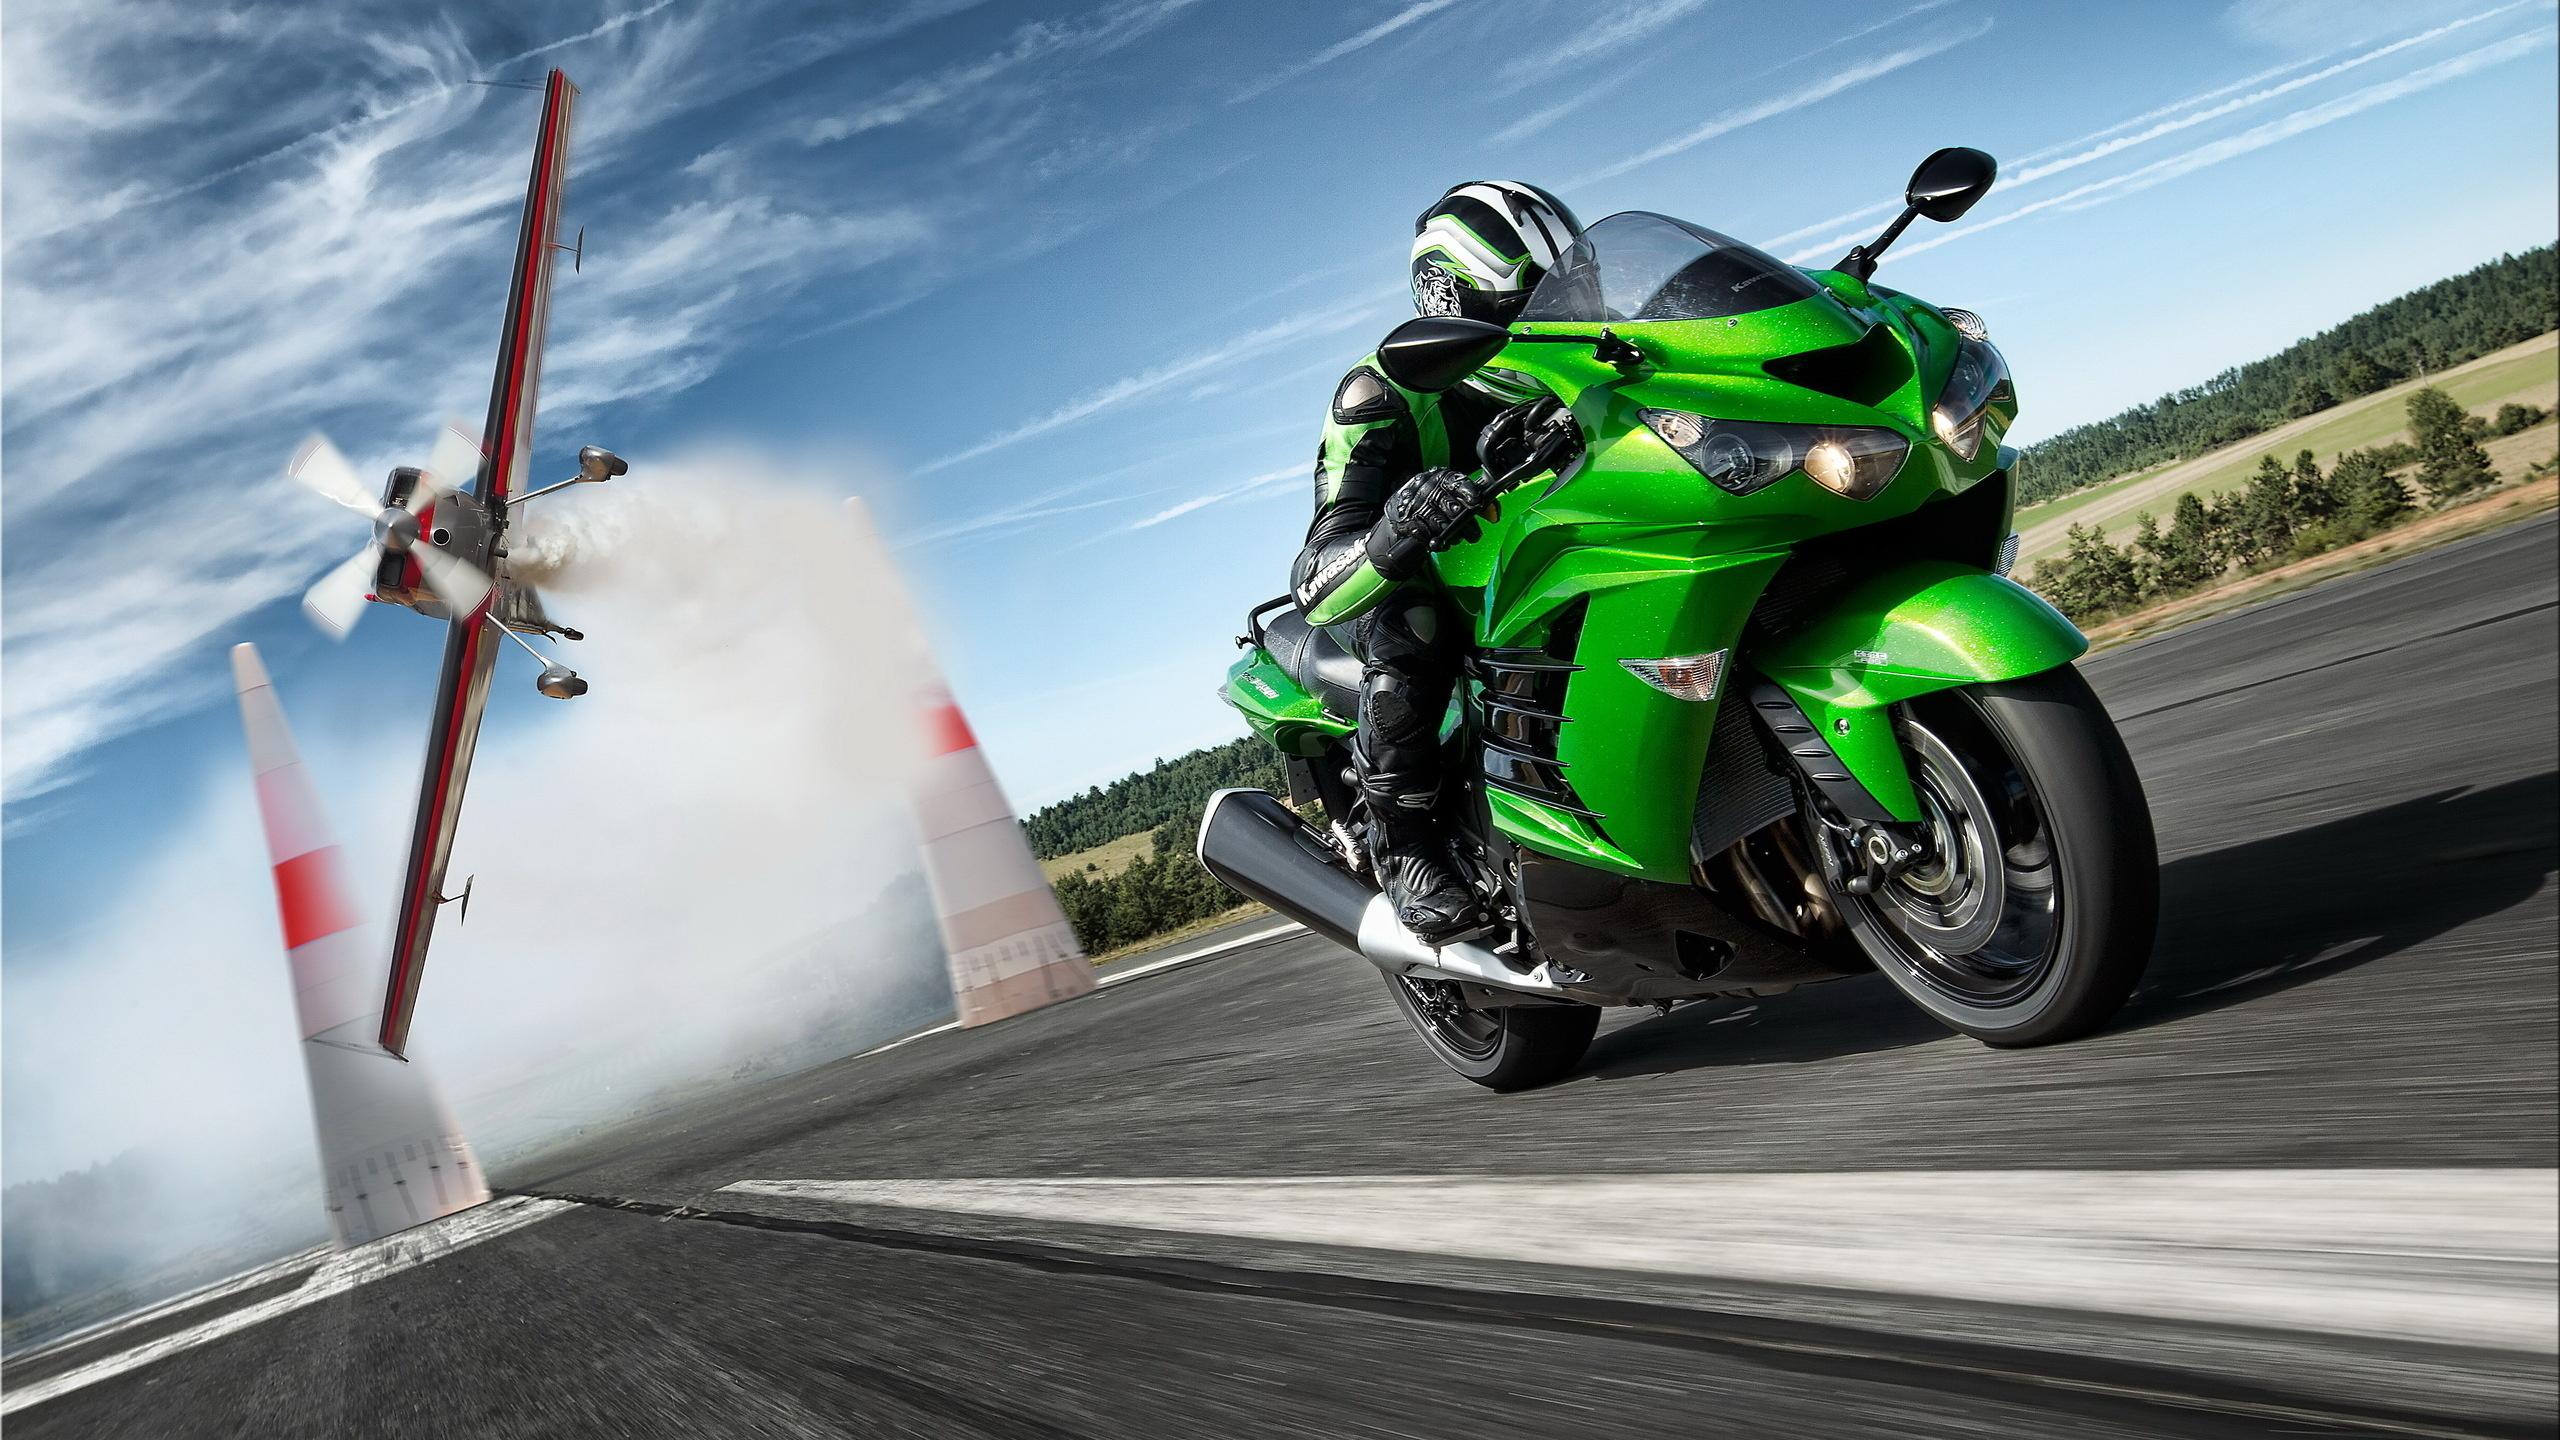 картинки с мотоциклами скоростными обучению дорожной азбуке